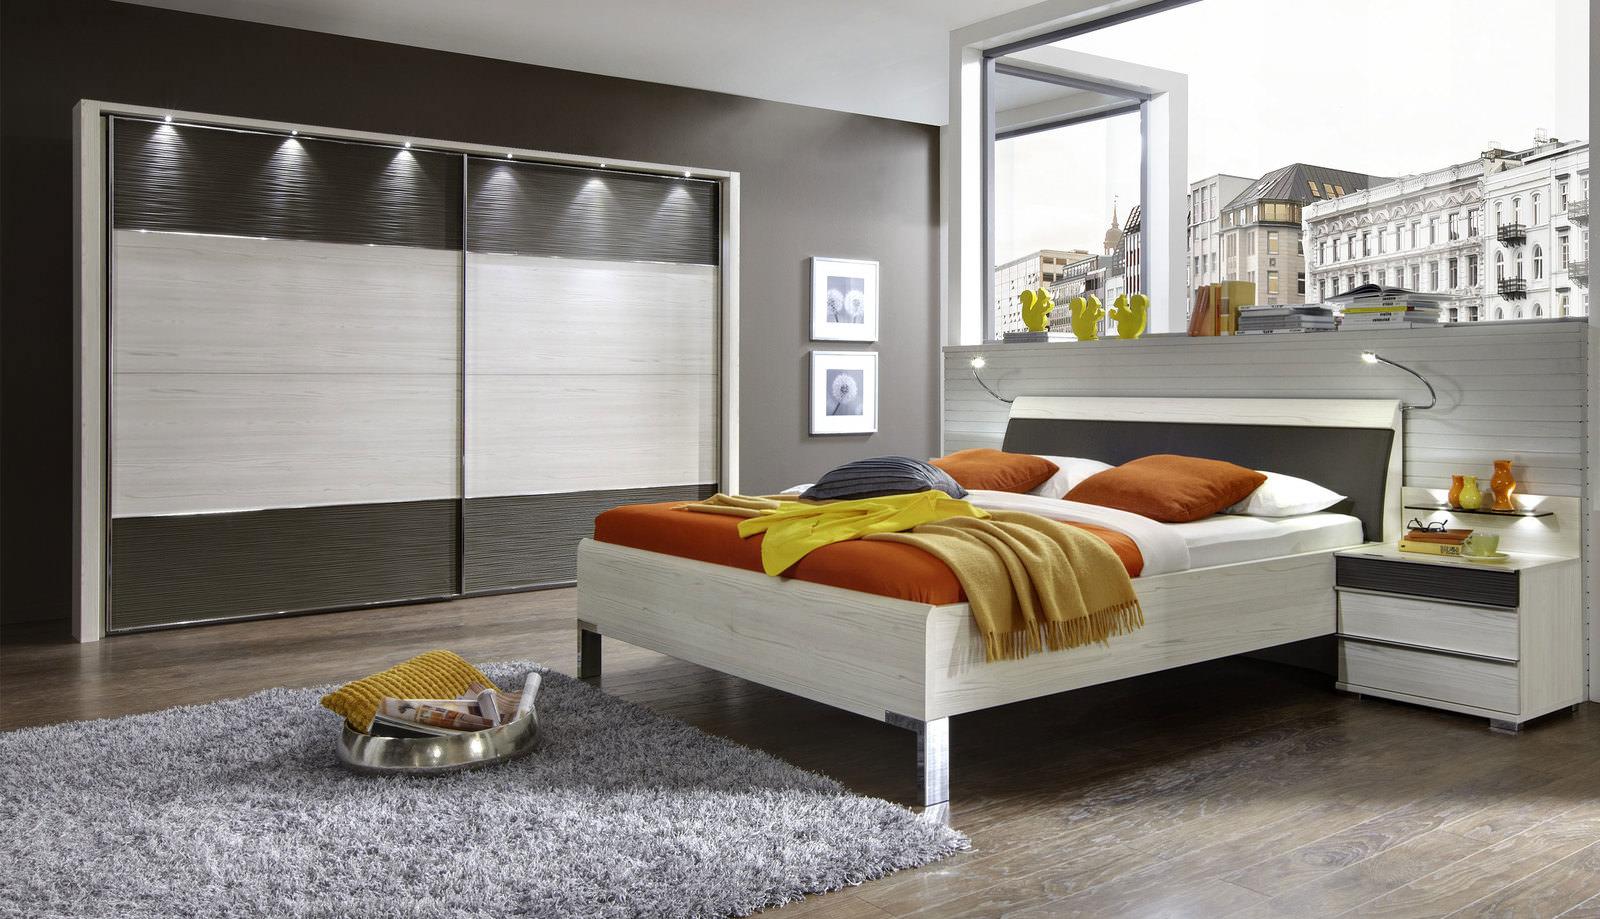 Mondo Schlafzimmer - Home Design Ideas - http://www.silverhoarders.com